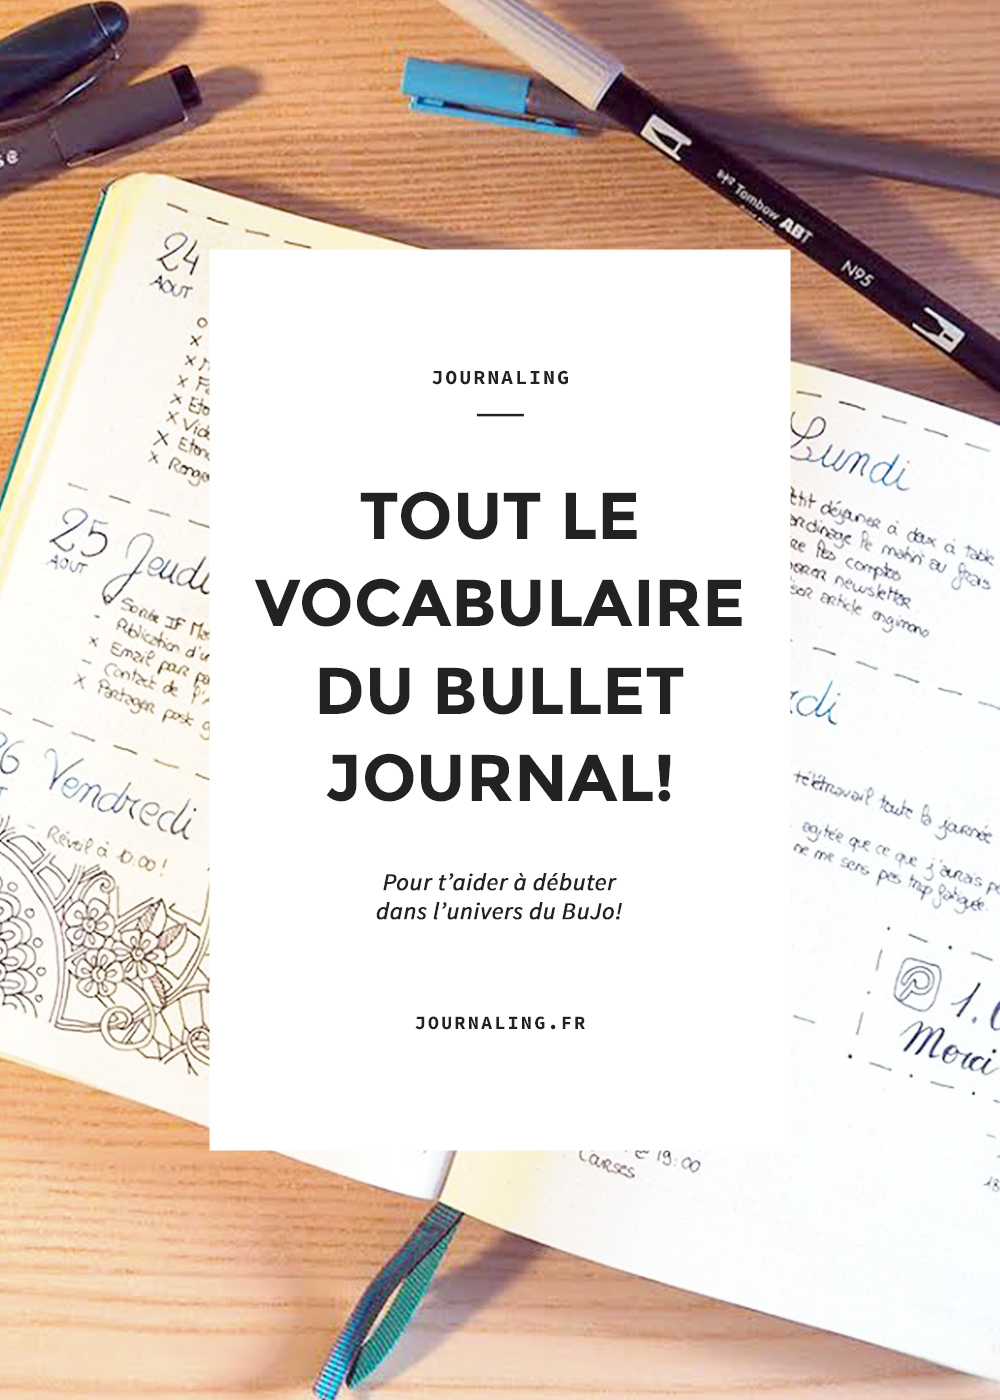 Bullet Journal, tout le vocabulaire pour comprendre le concept